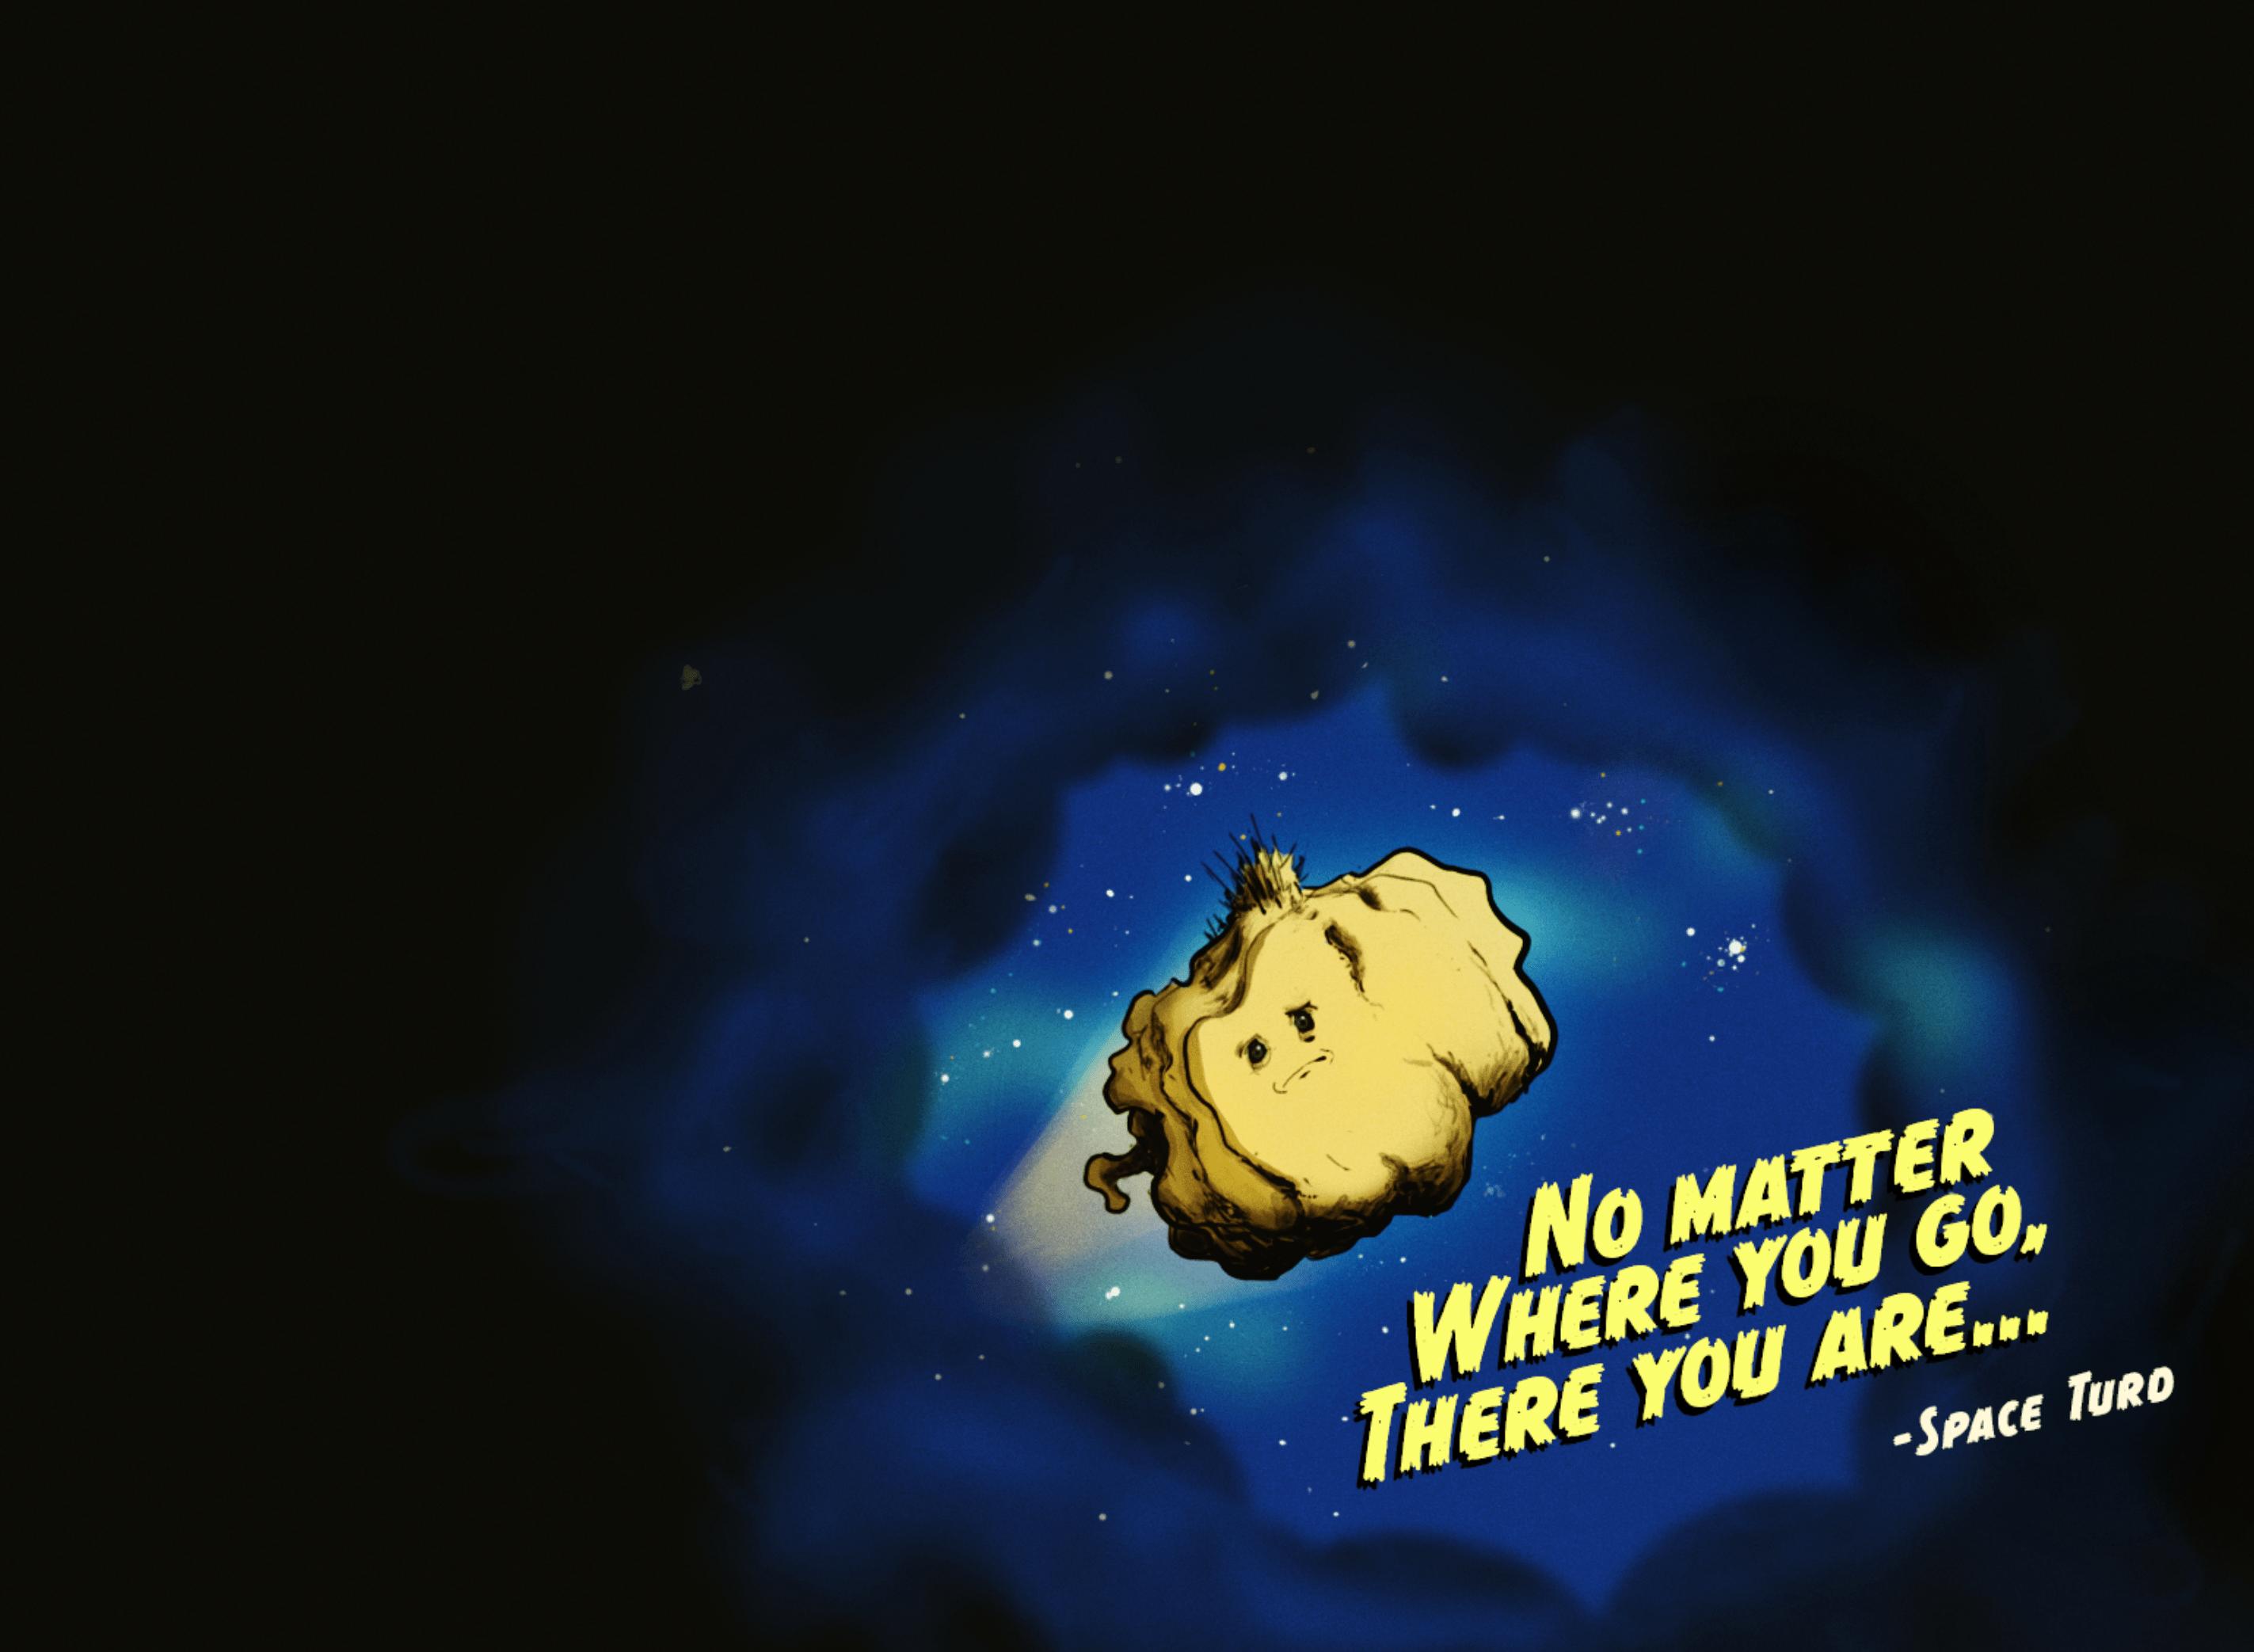 [image] No matter where you go..